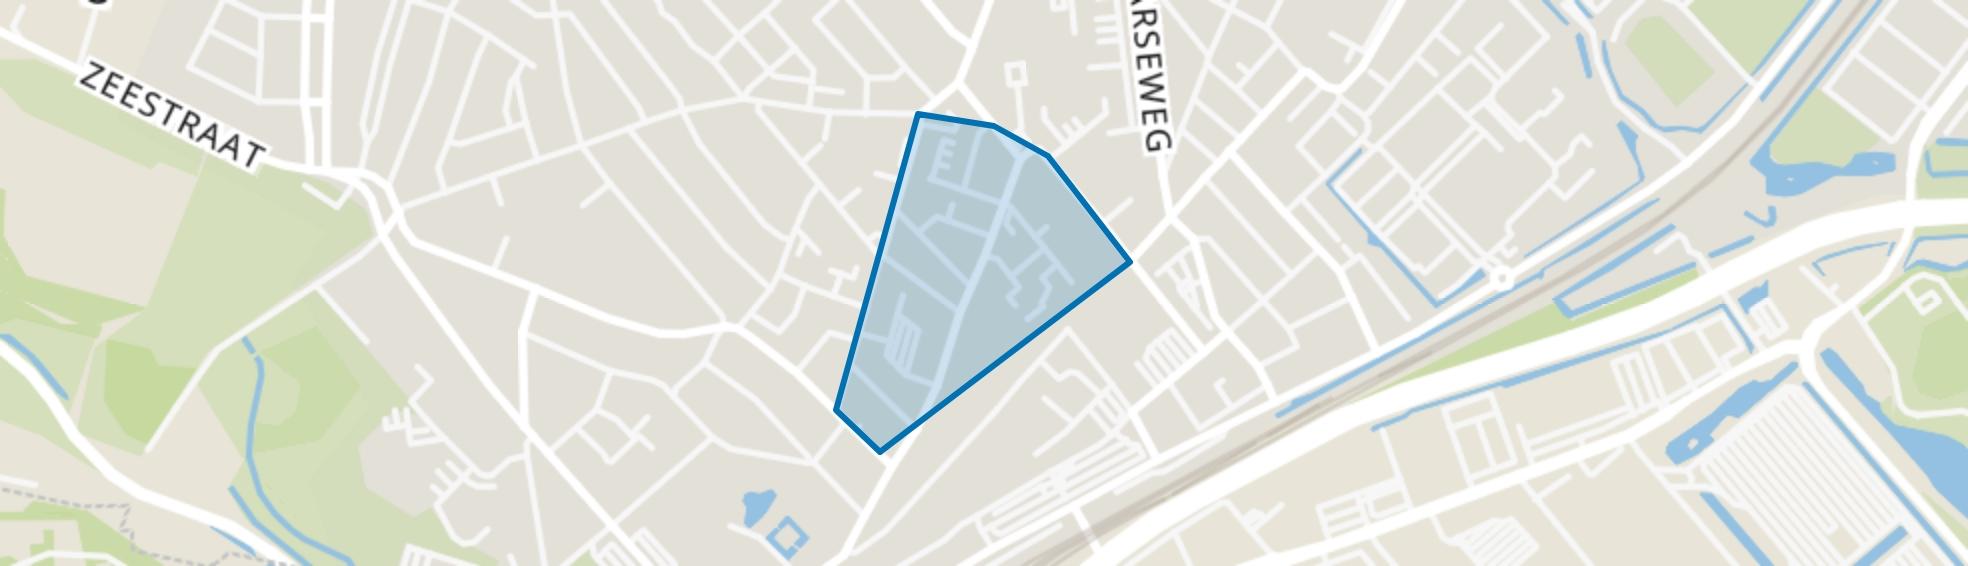 Koningstraat, Beverwijk map